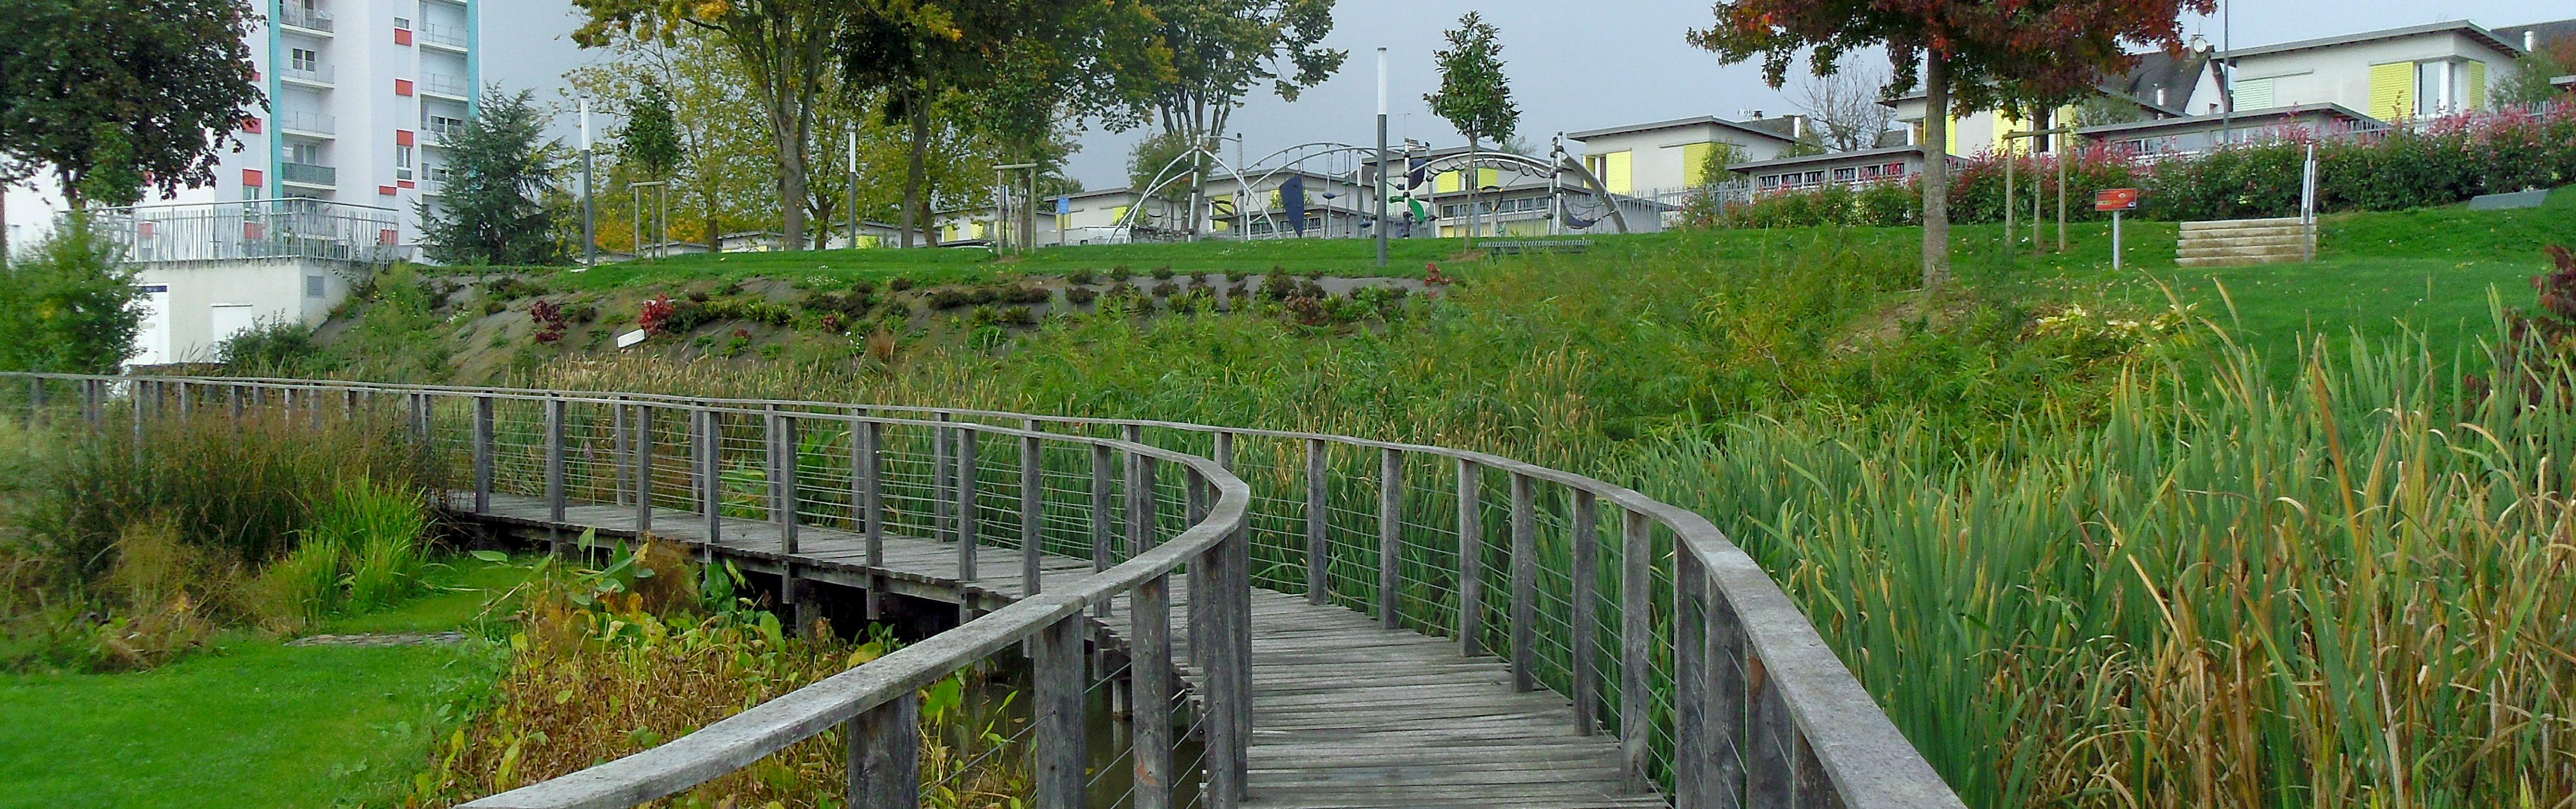 Passerelle du parc du Val St Jean à St Lô